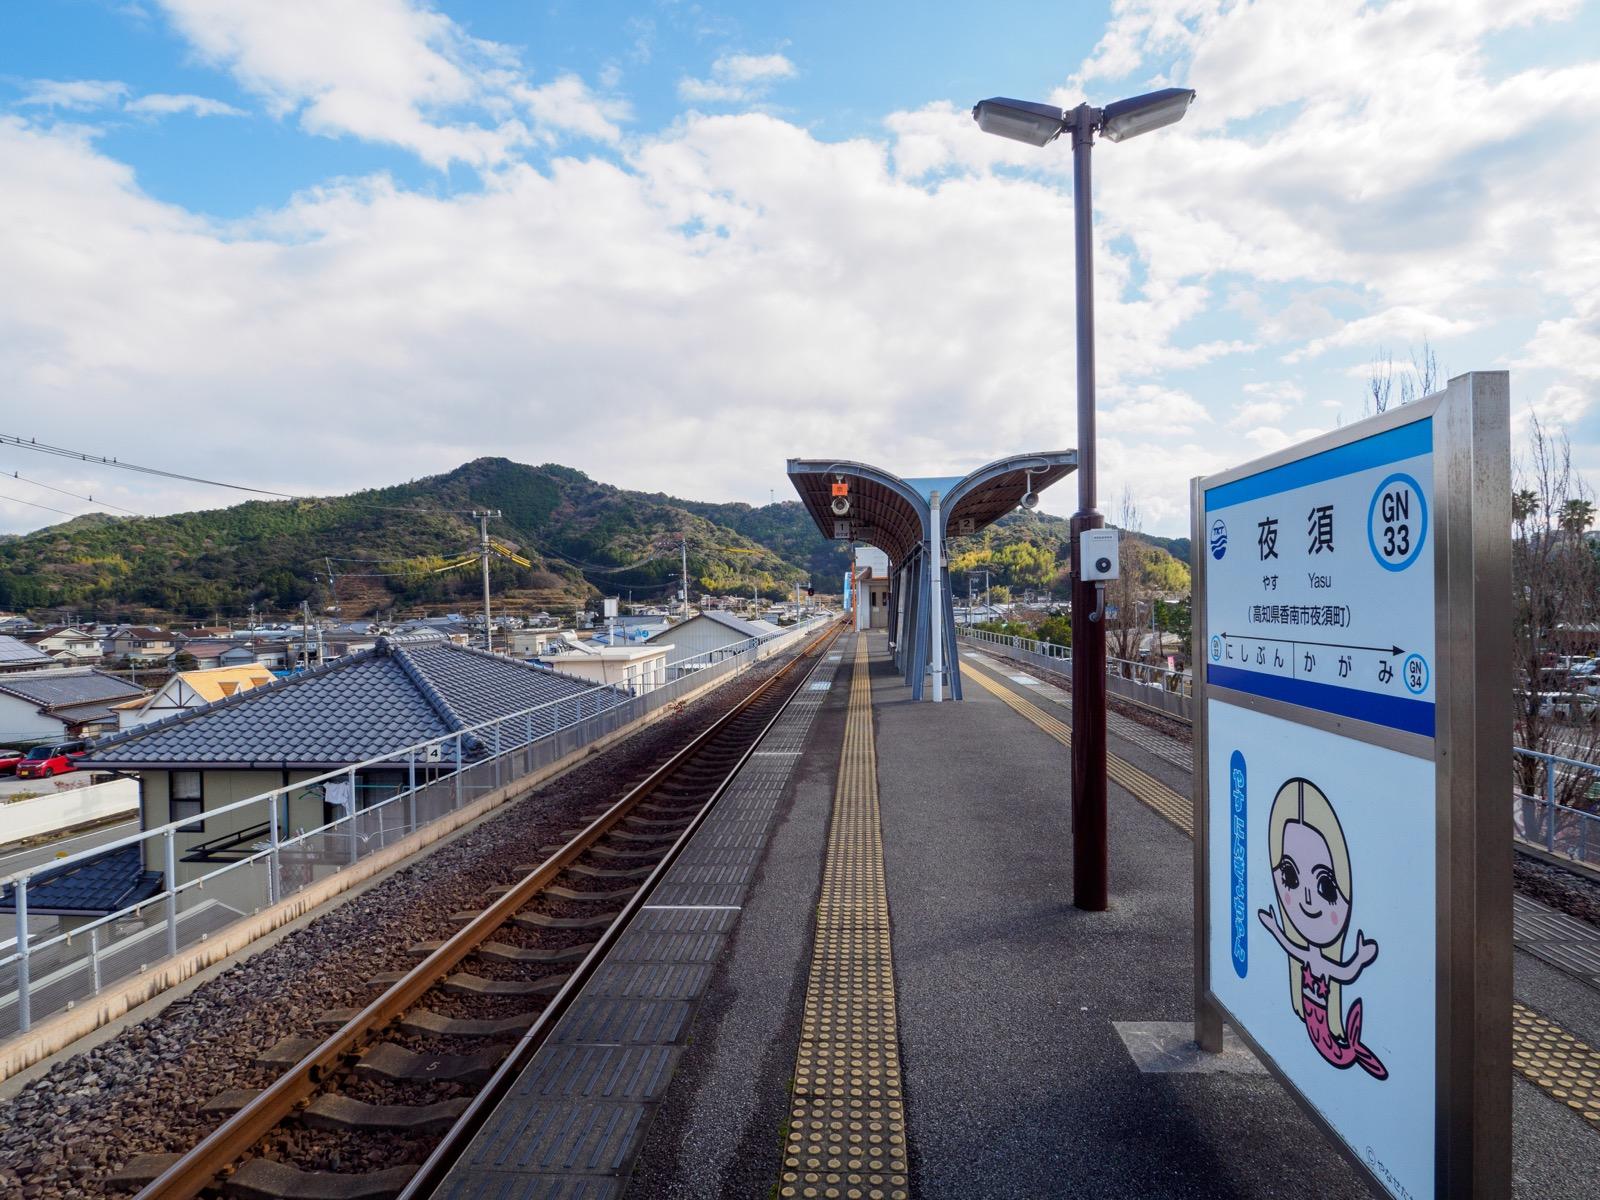 夜須駅のホーム